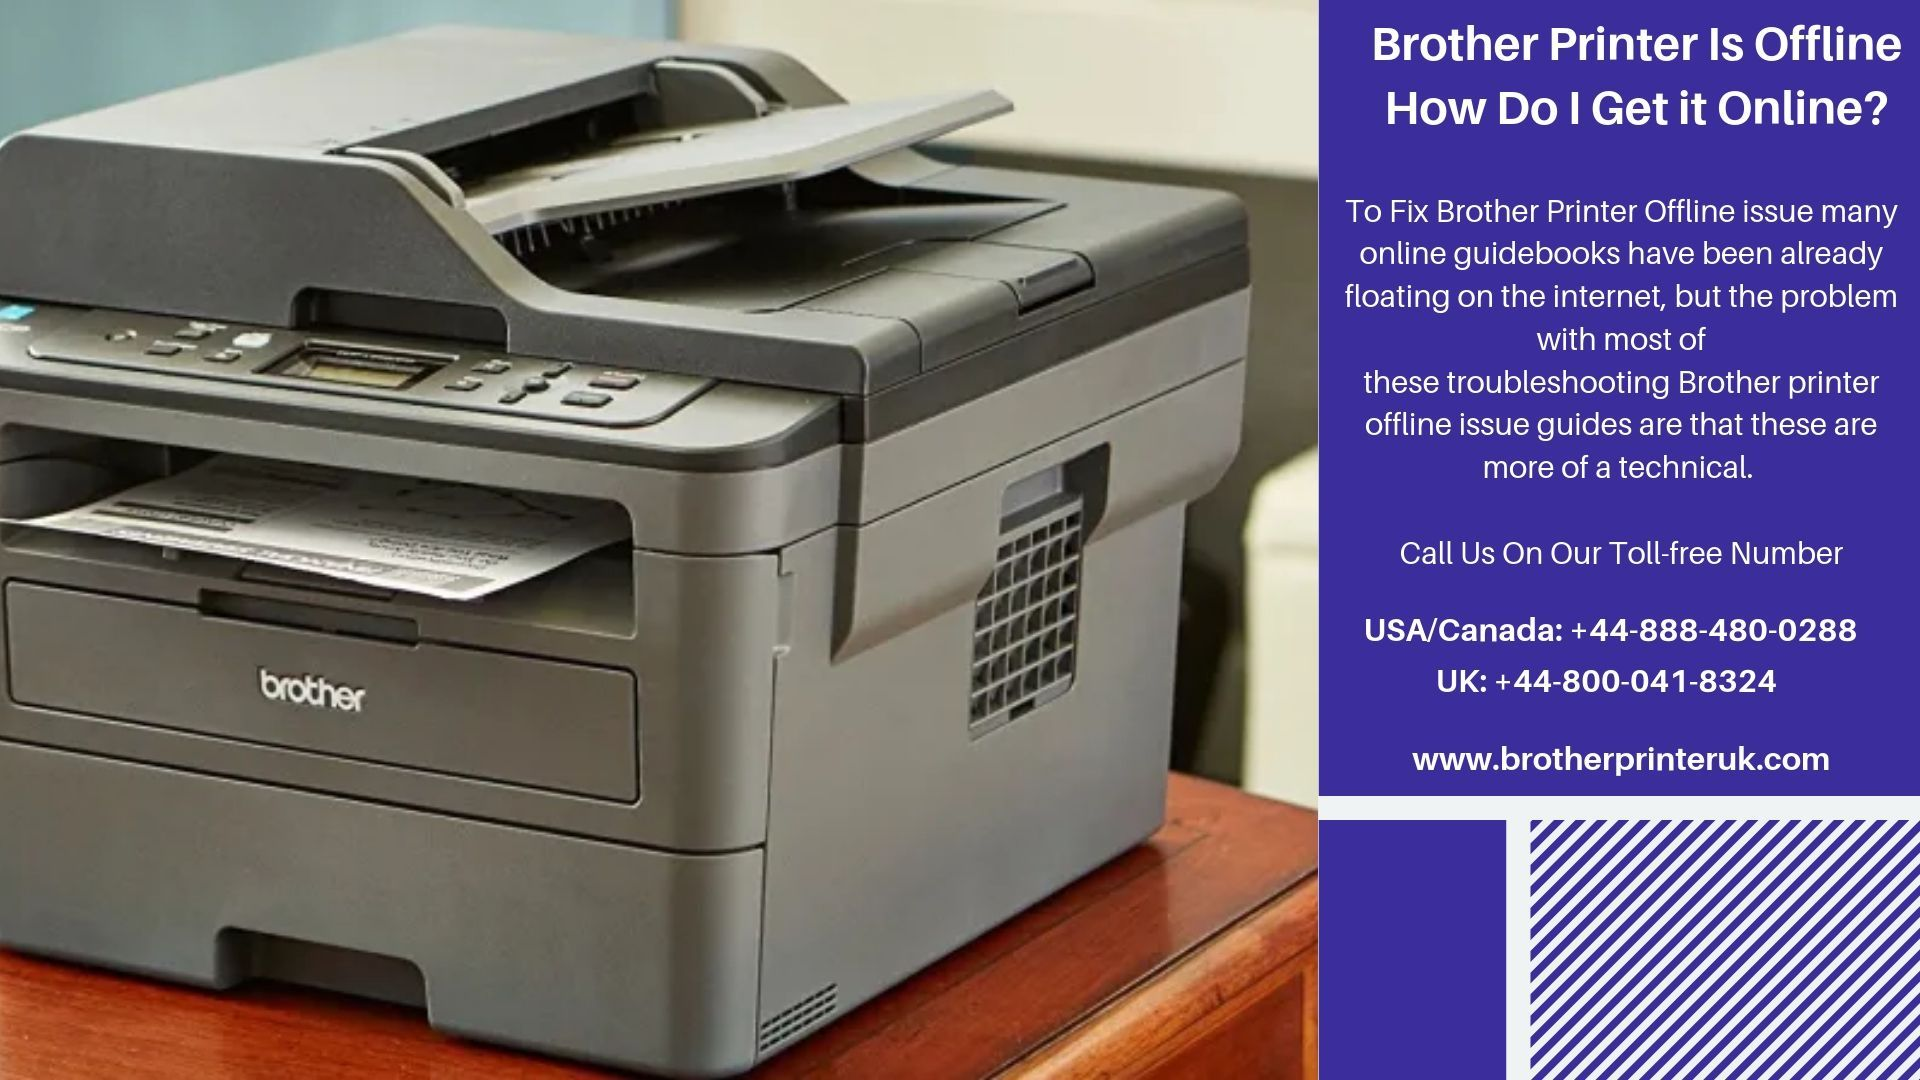 c0e34a80ad9f5088839193b85f30fe4d - How Do You Get A Printer To Go Online